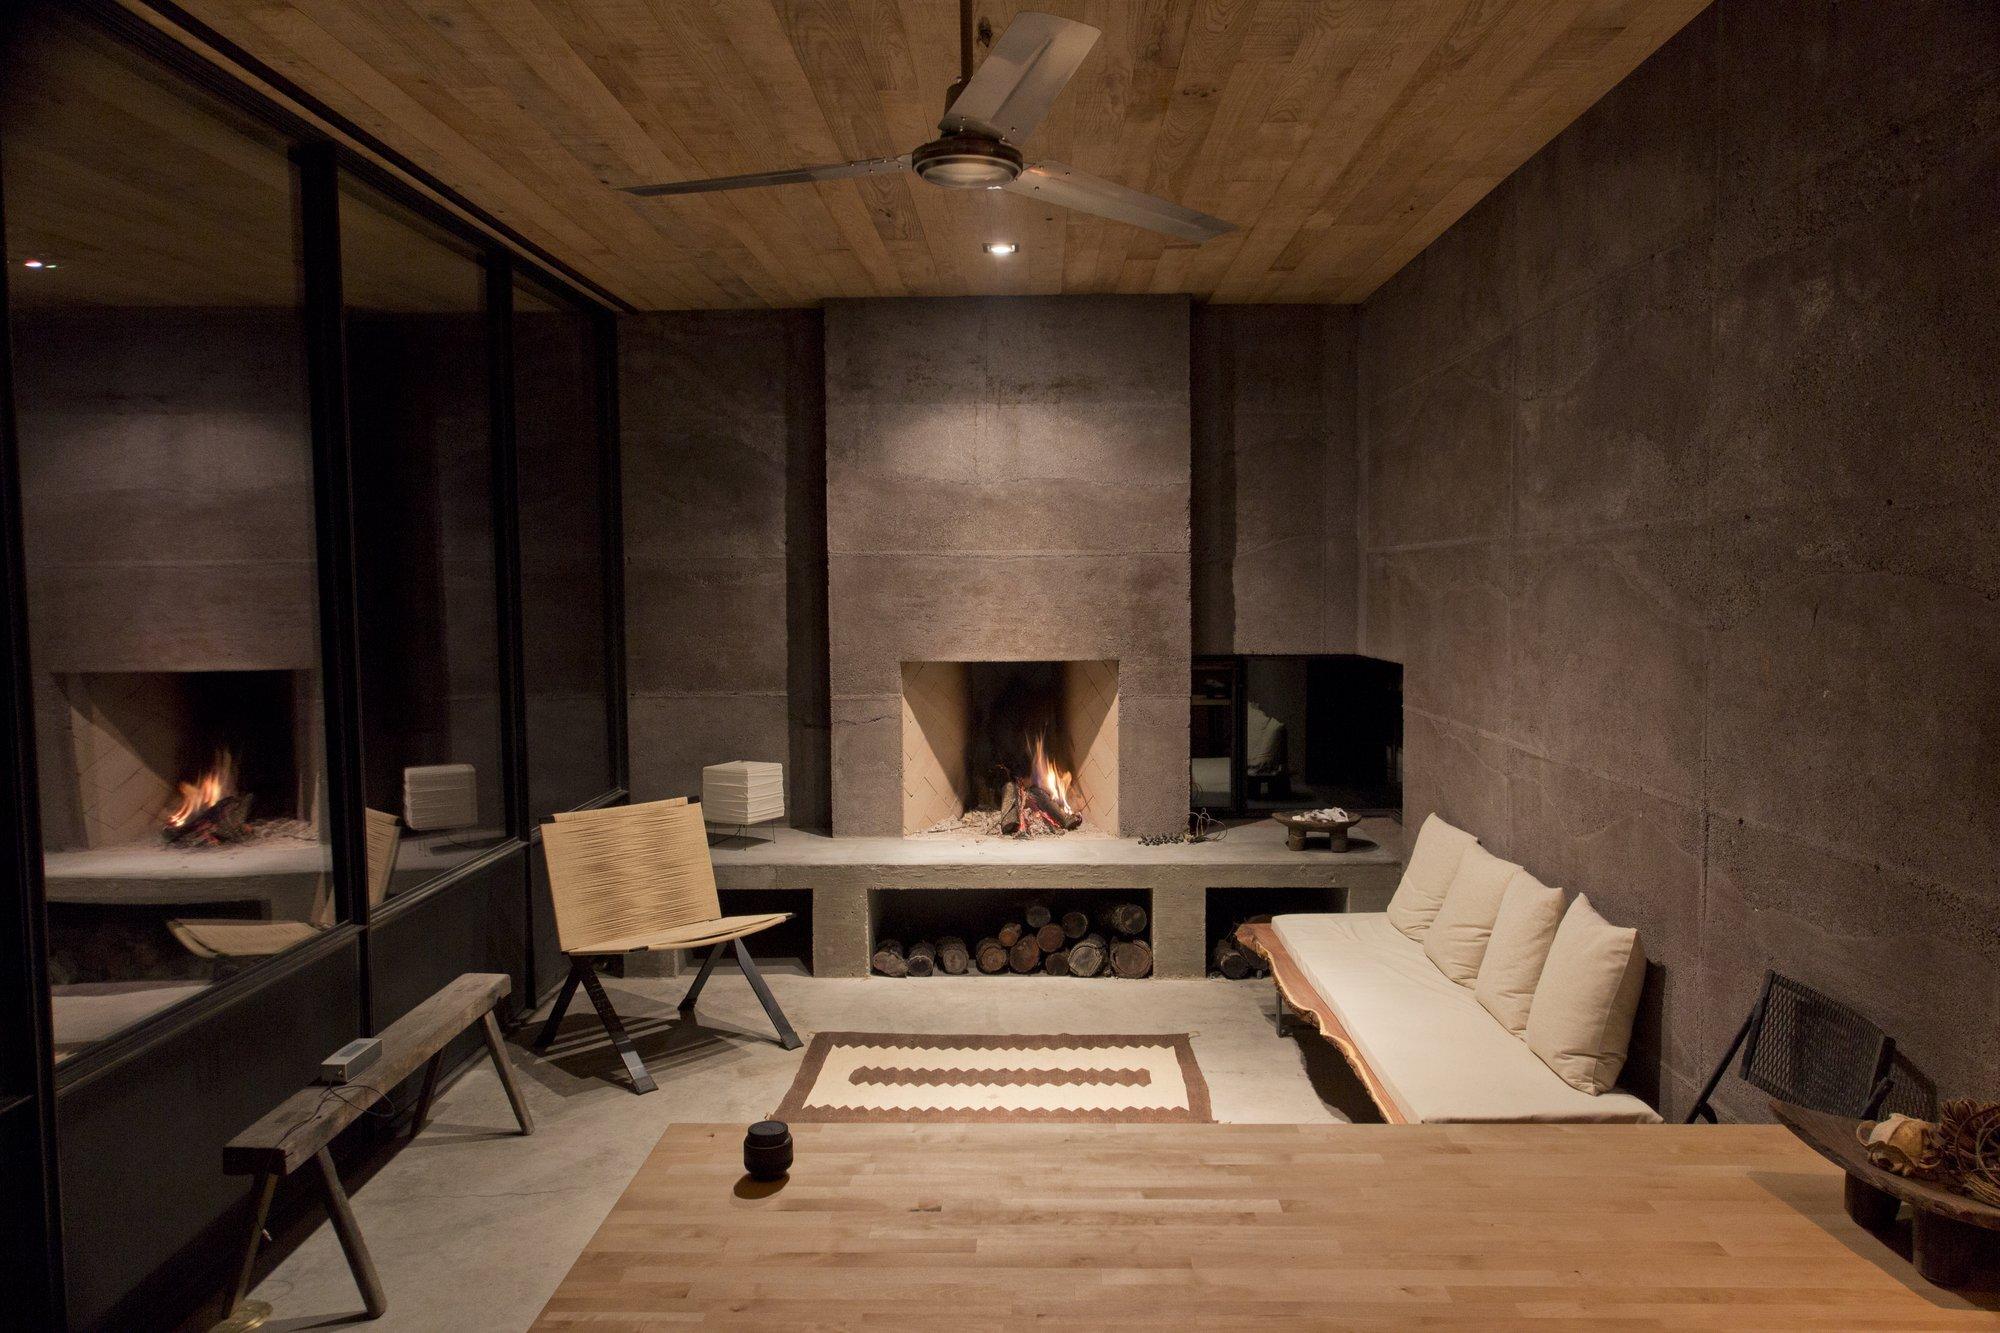 Casa Caldera - DUST - Arizona - Living Room - Humble Homes